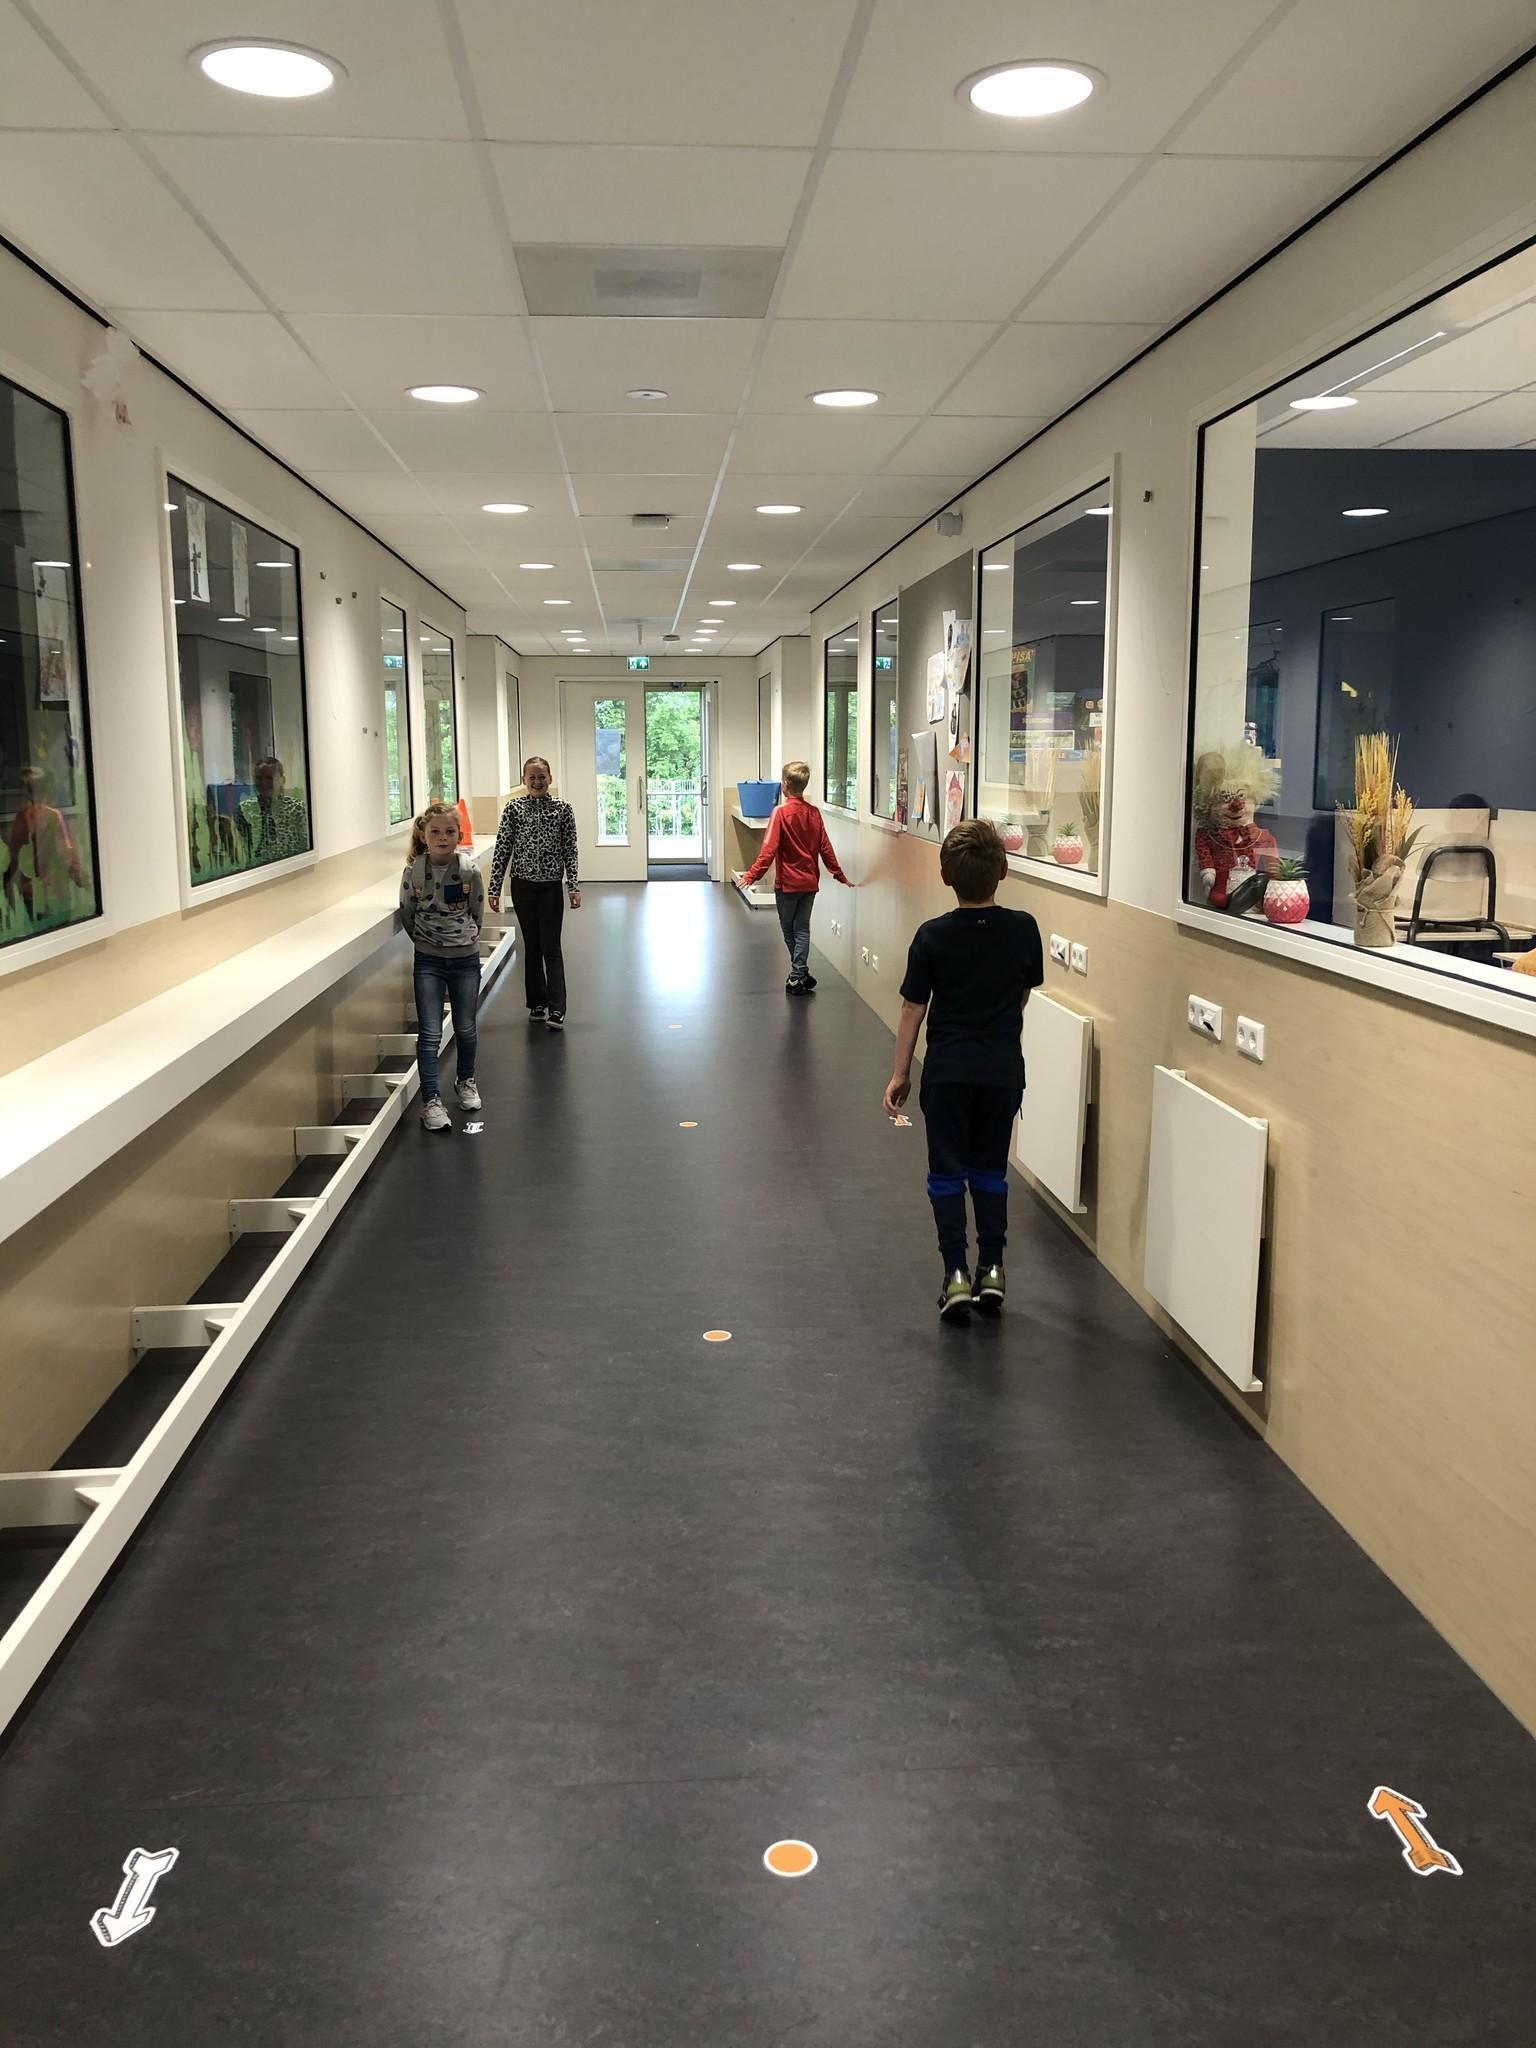 Route Bodenaufkleber innerhalb der Schule / Kinder gesetzt